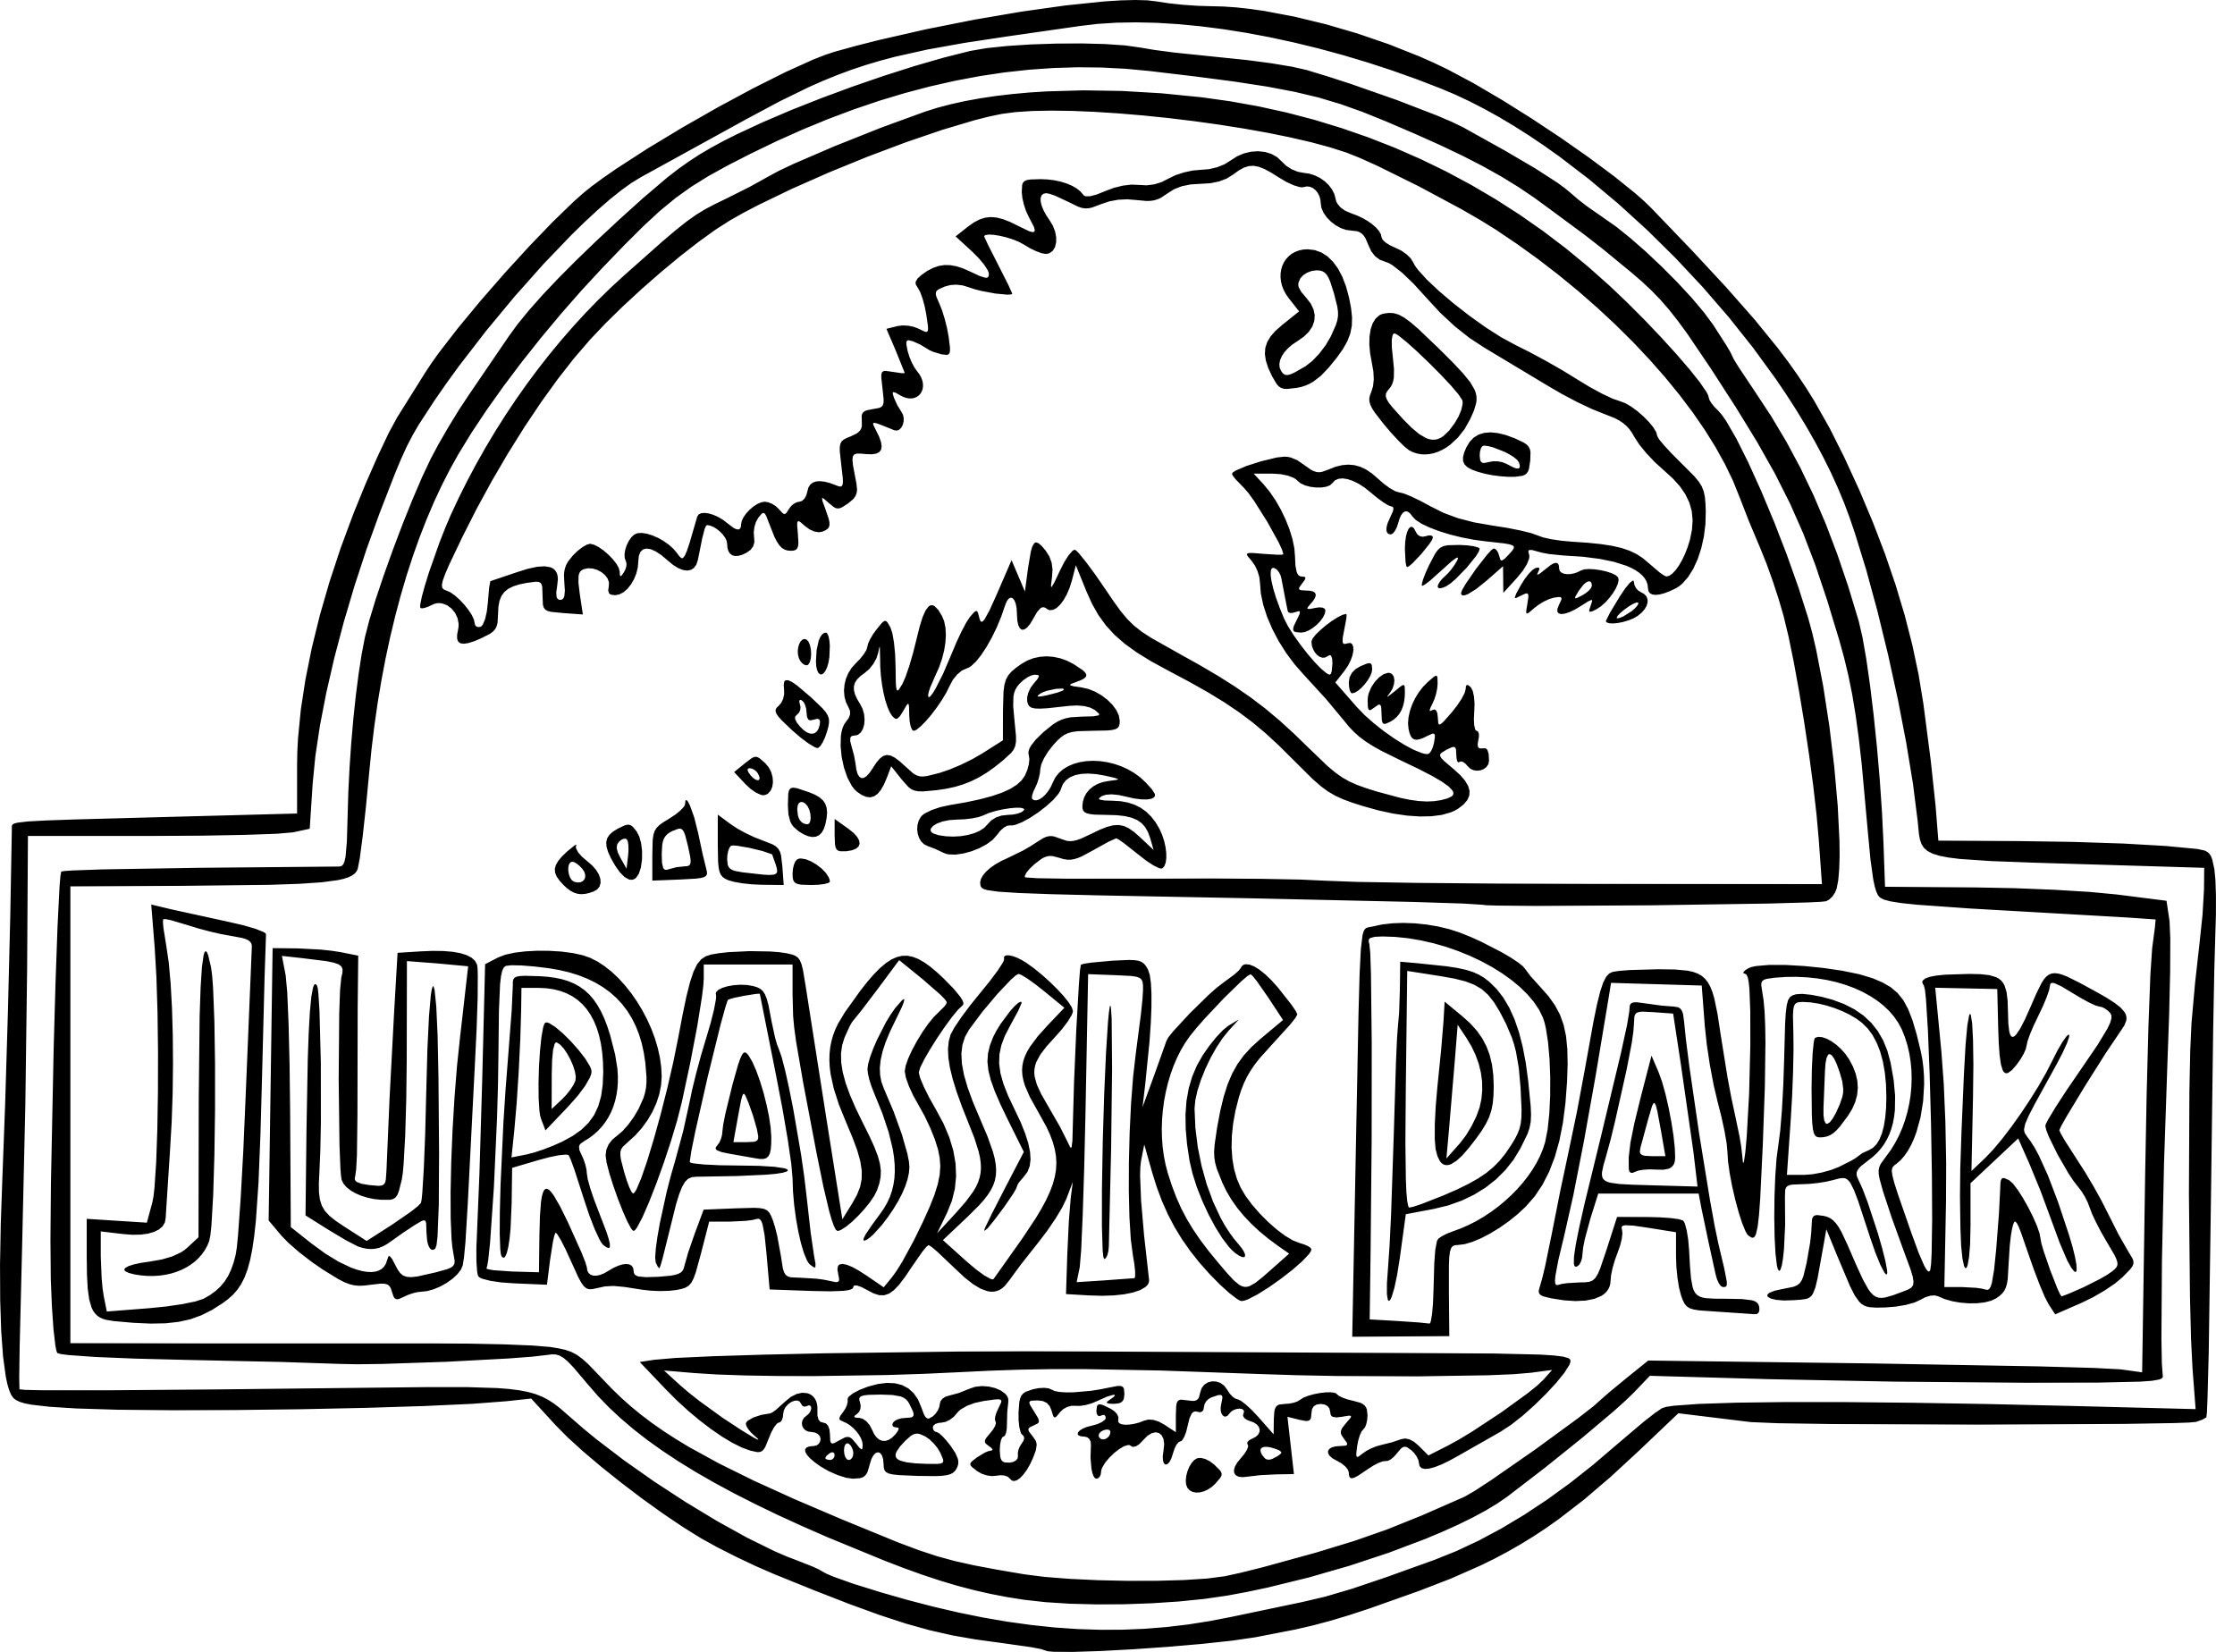 Jurassic Park Coloring Pages Fresh 25 Desenhos Para Colorir Desenhos Infantis Para Pintar Desenhos Pra Colorir